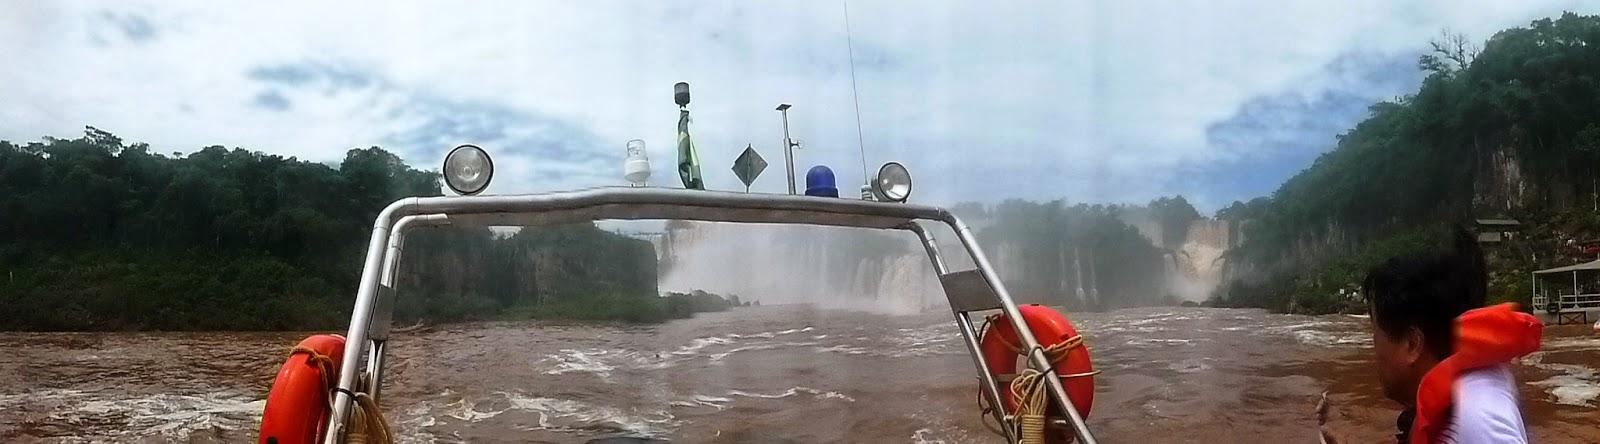 Parque Nacional do Iguaçu - Cataratas do Iguaçu - Macuco Safari